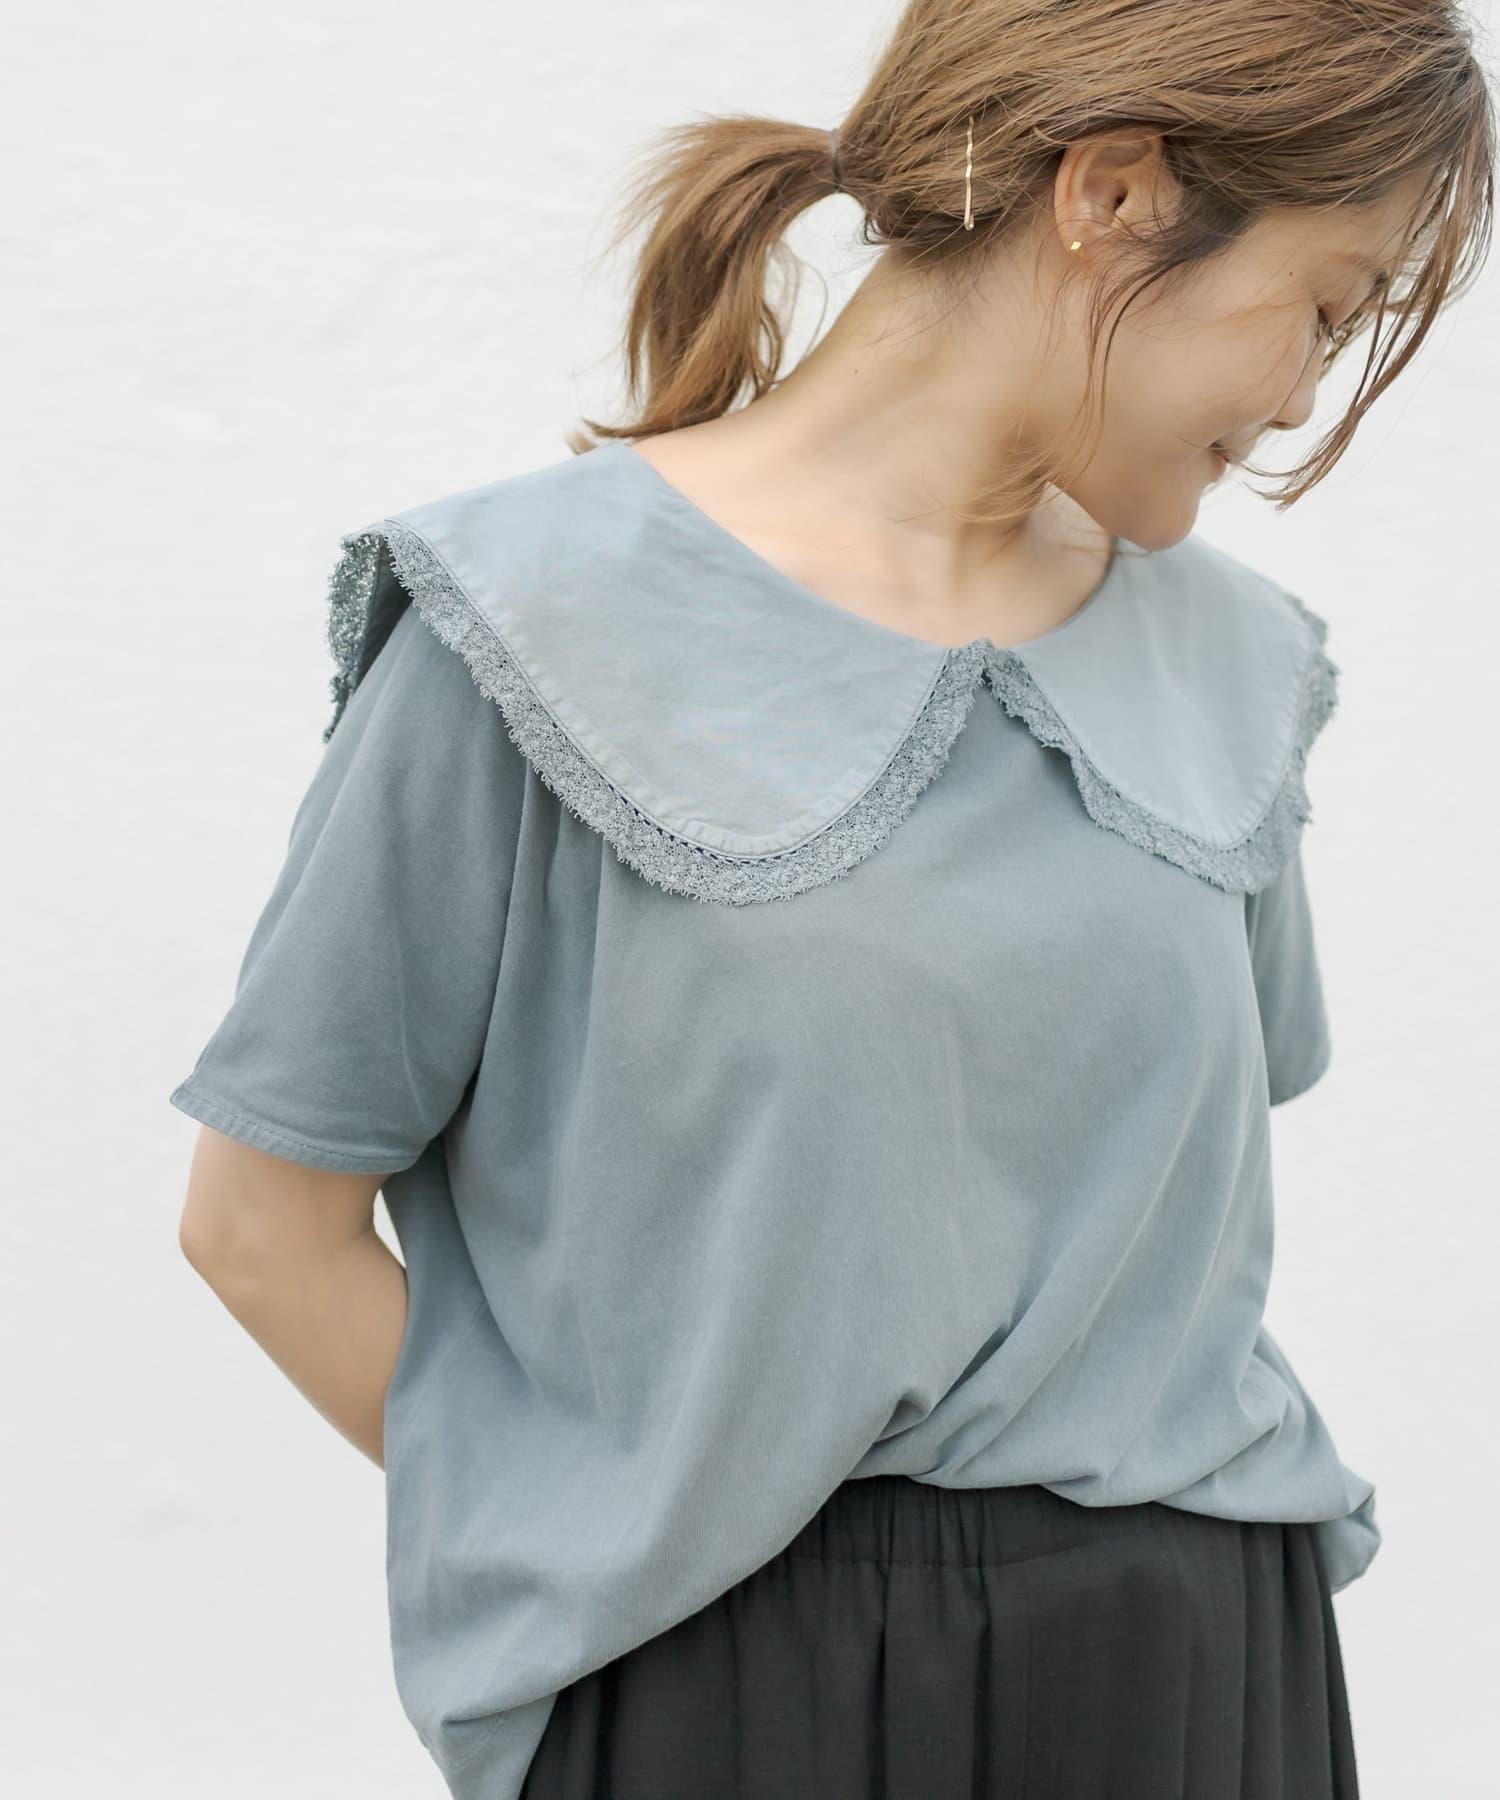 pual ce cin(ピュアルセシン) 【WEB限定】ピグメント染め×衿レースTシャツ